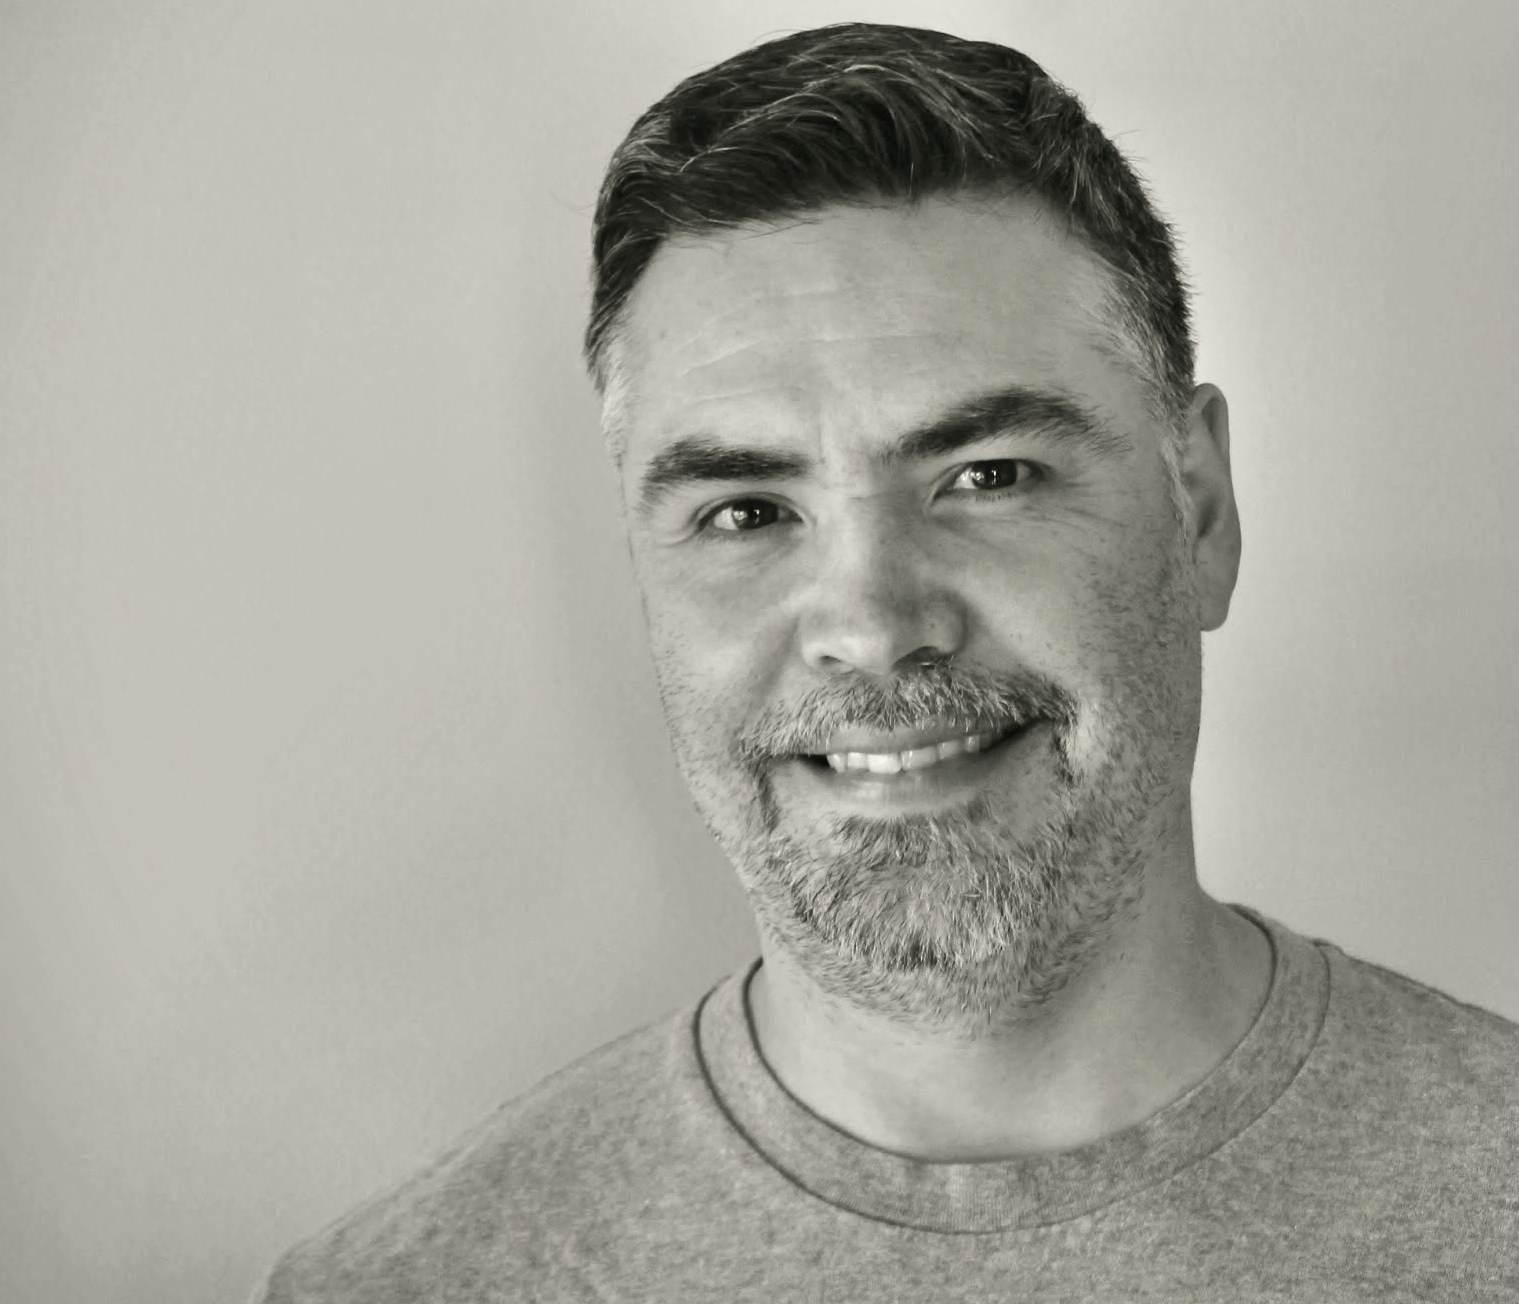 John Zamorano